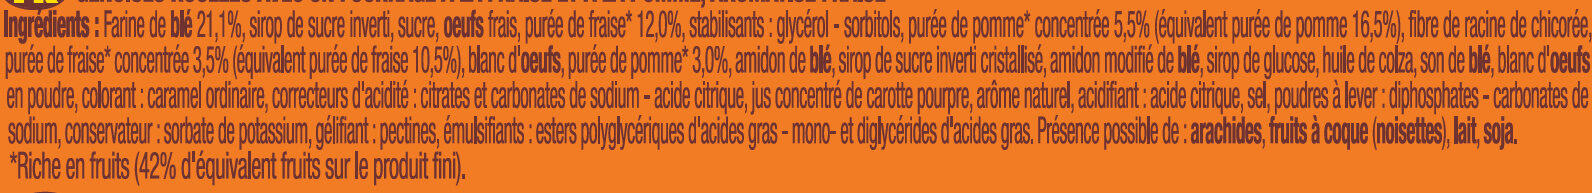 P'tit Savane roulo fraise - Ingrédients - fr